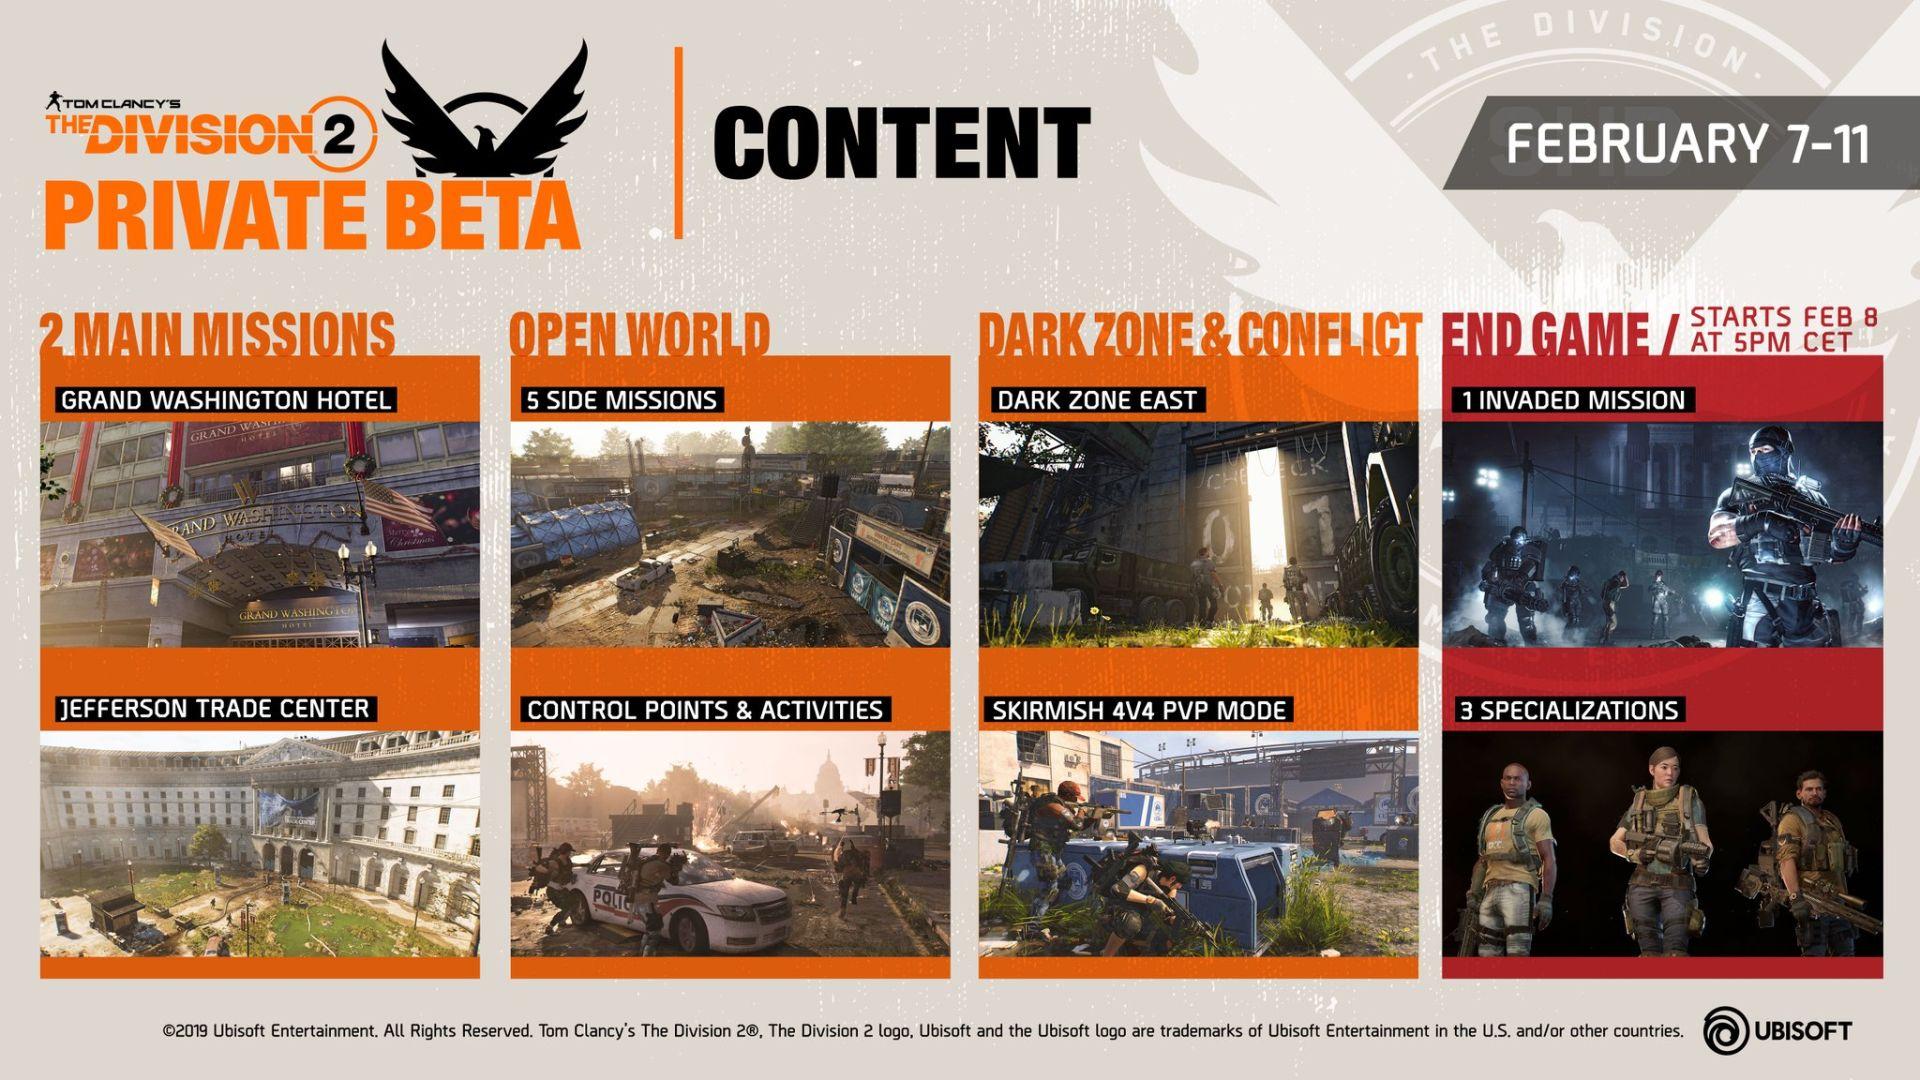 The Division 2 beta content